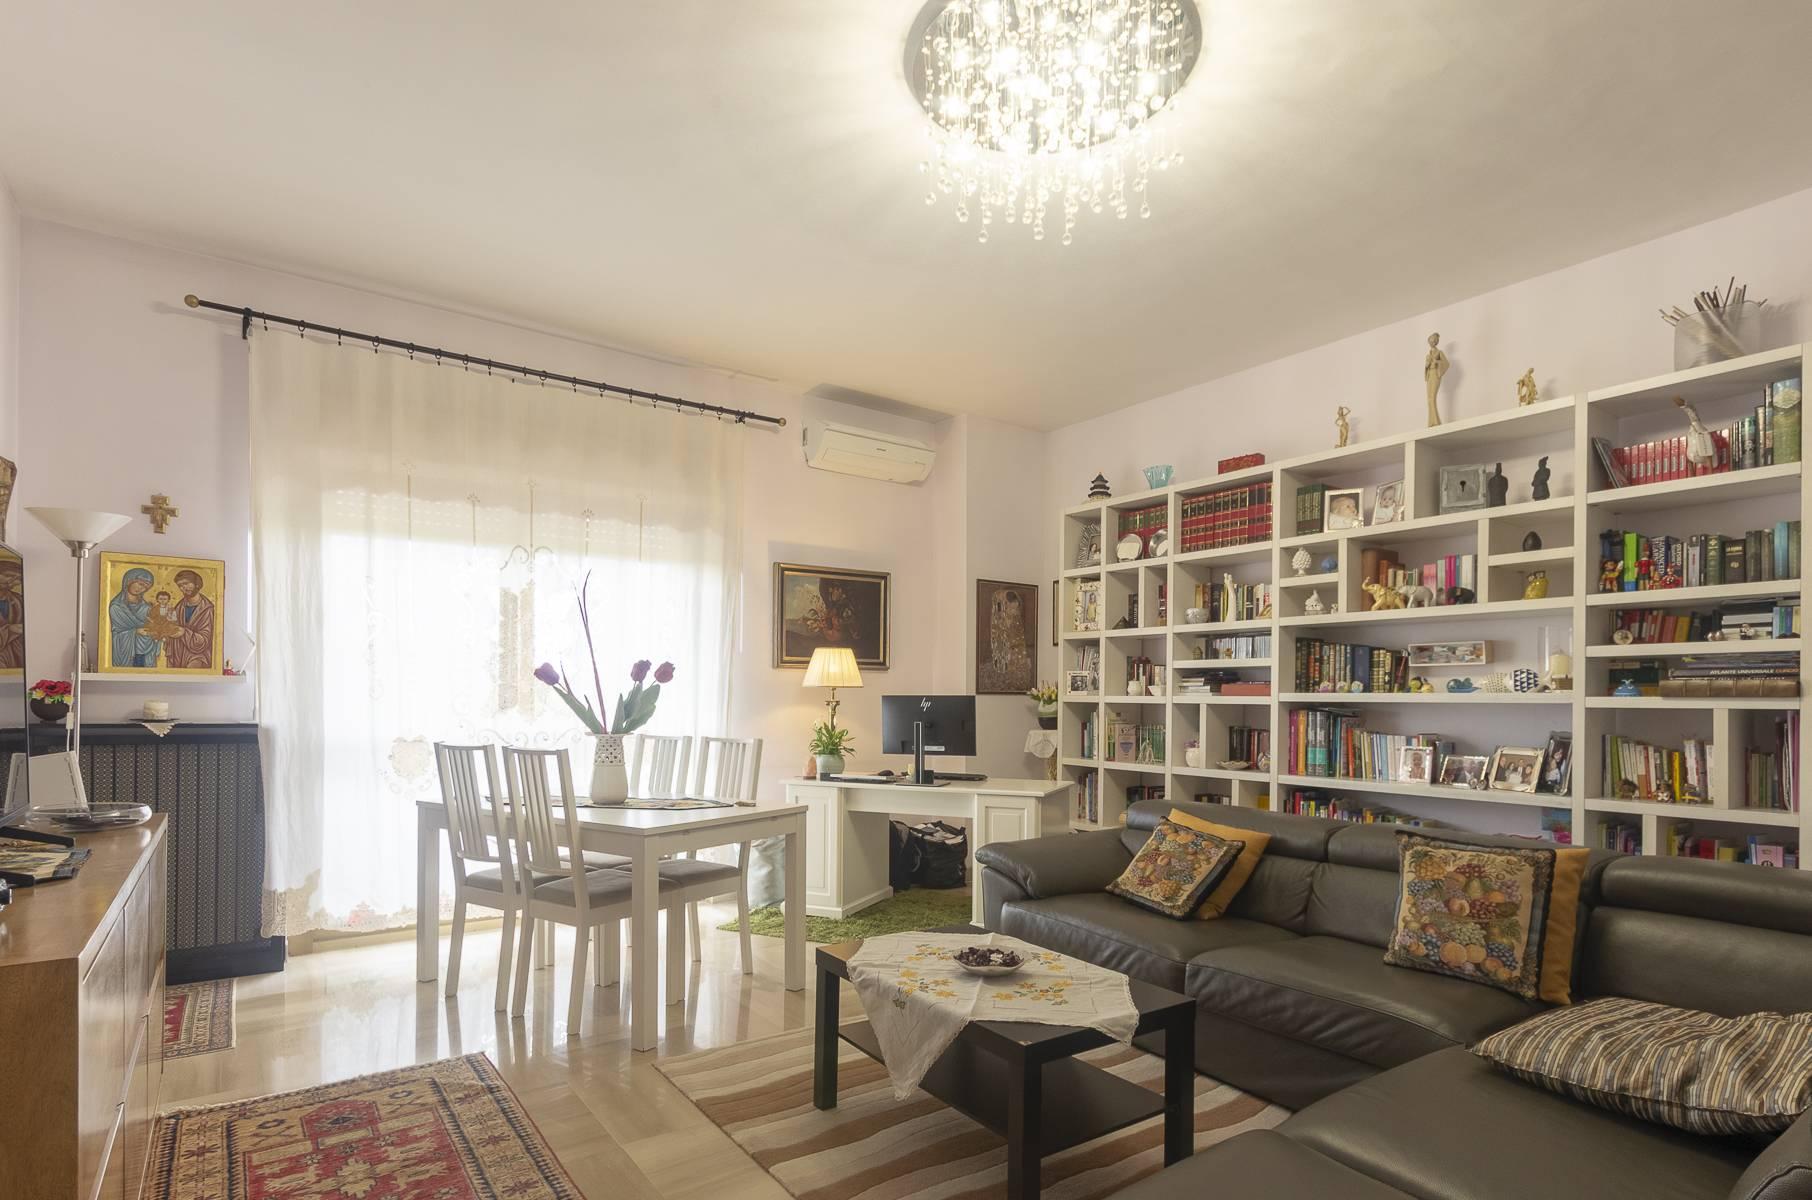 Appartamento in vendita a Roma, 3 locali, zona Località: Cinecitt?, prezzo € 279.000 | CambioCasa.it